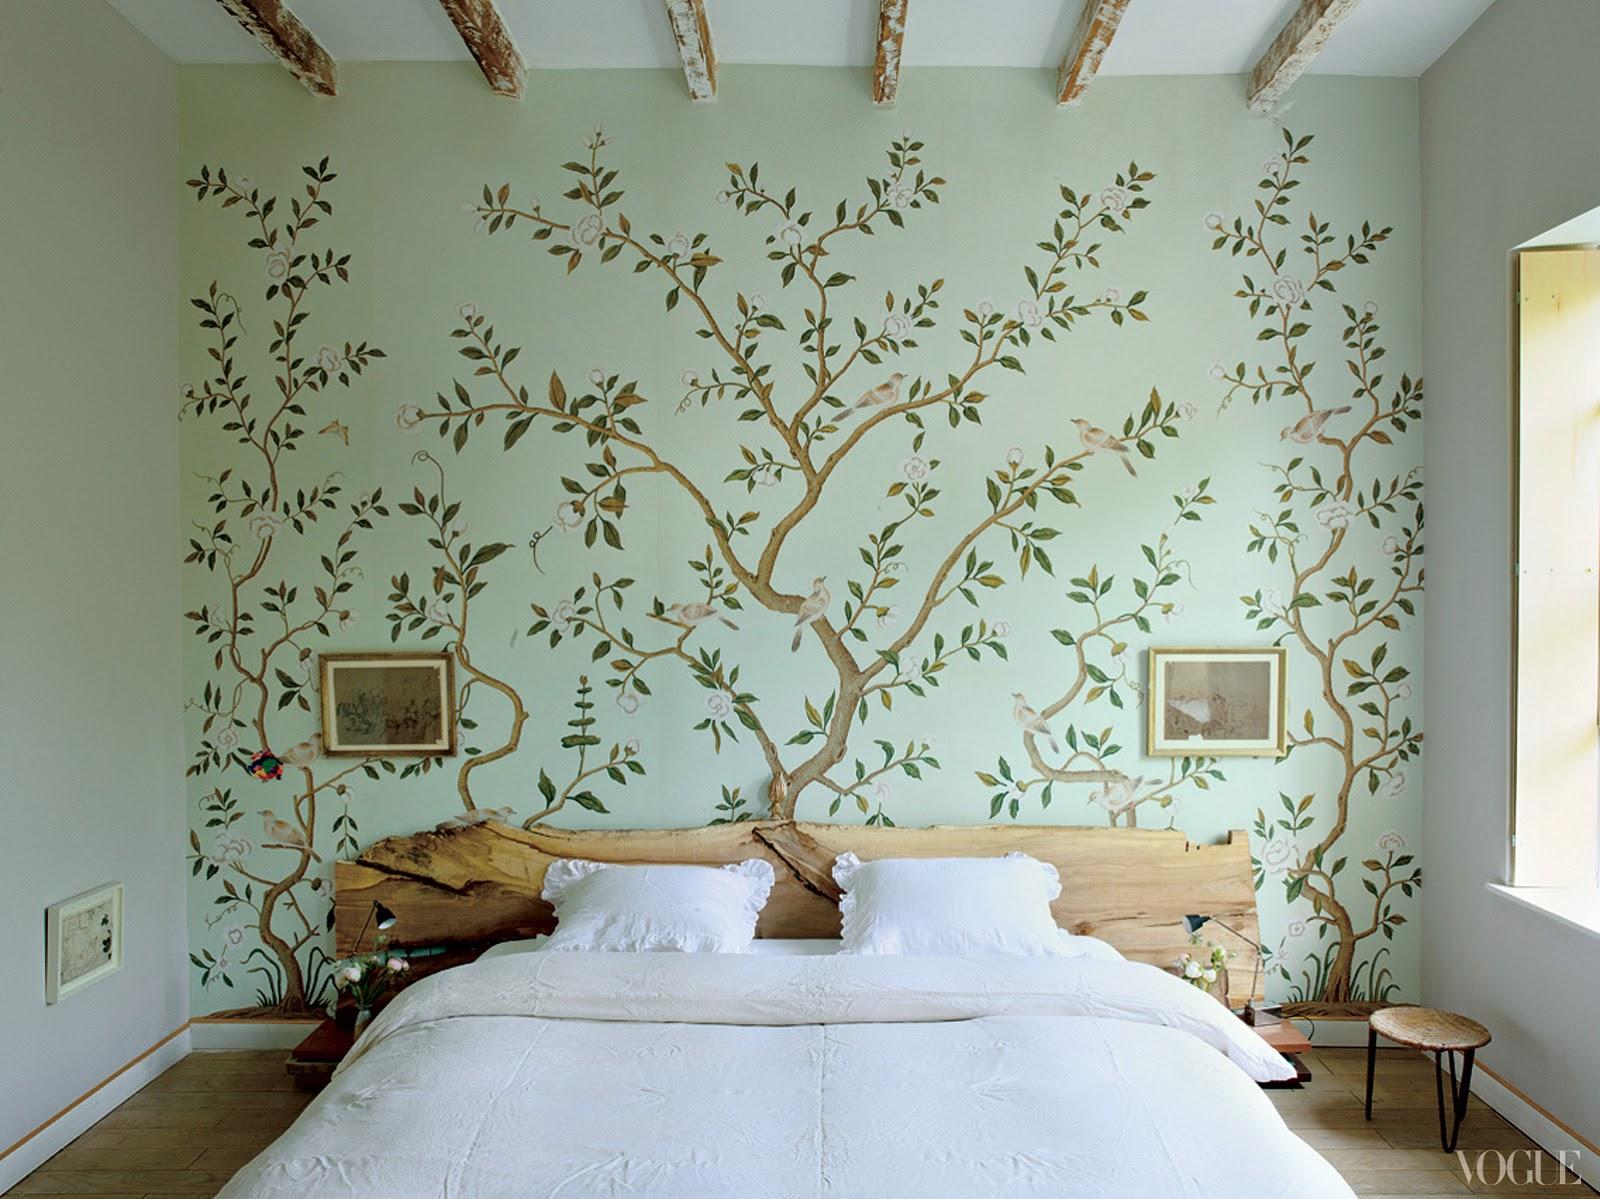 Habitaci n verdeagua enero 2013 for Dormitorio verde agua